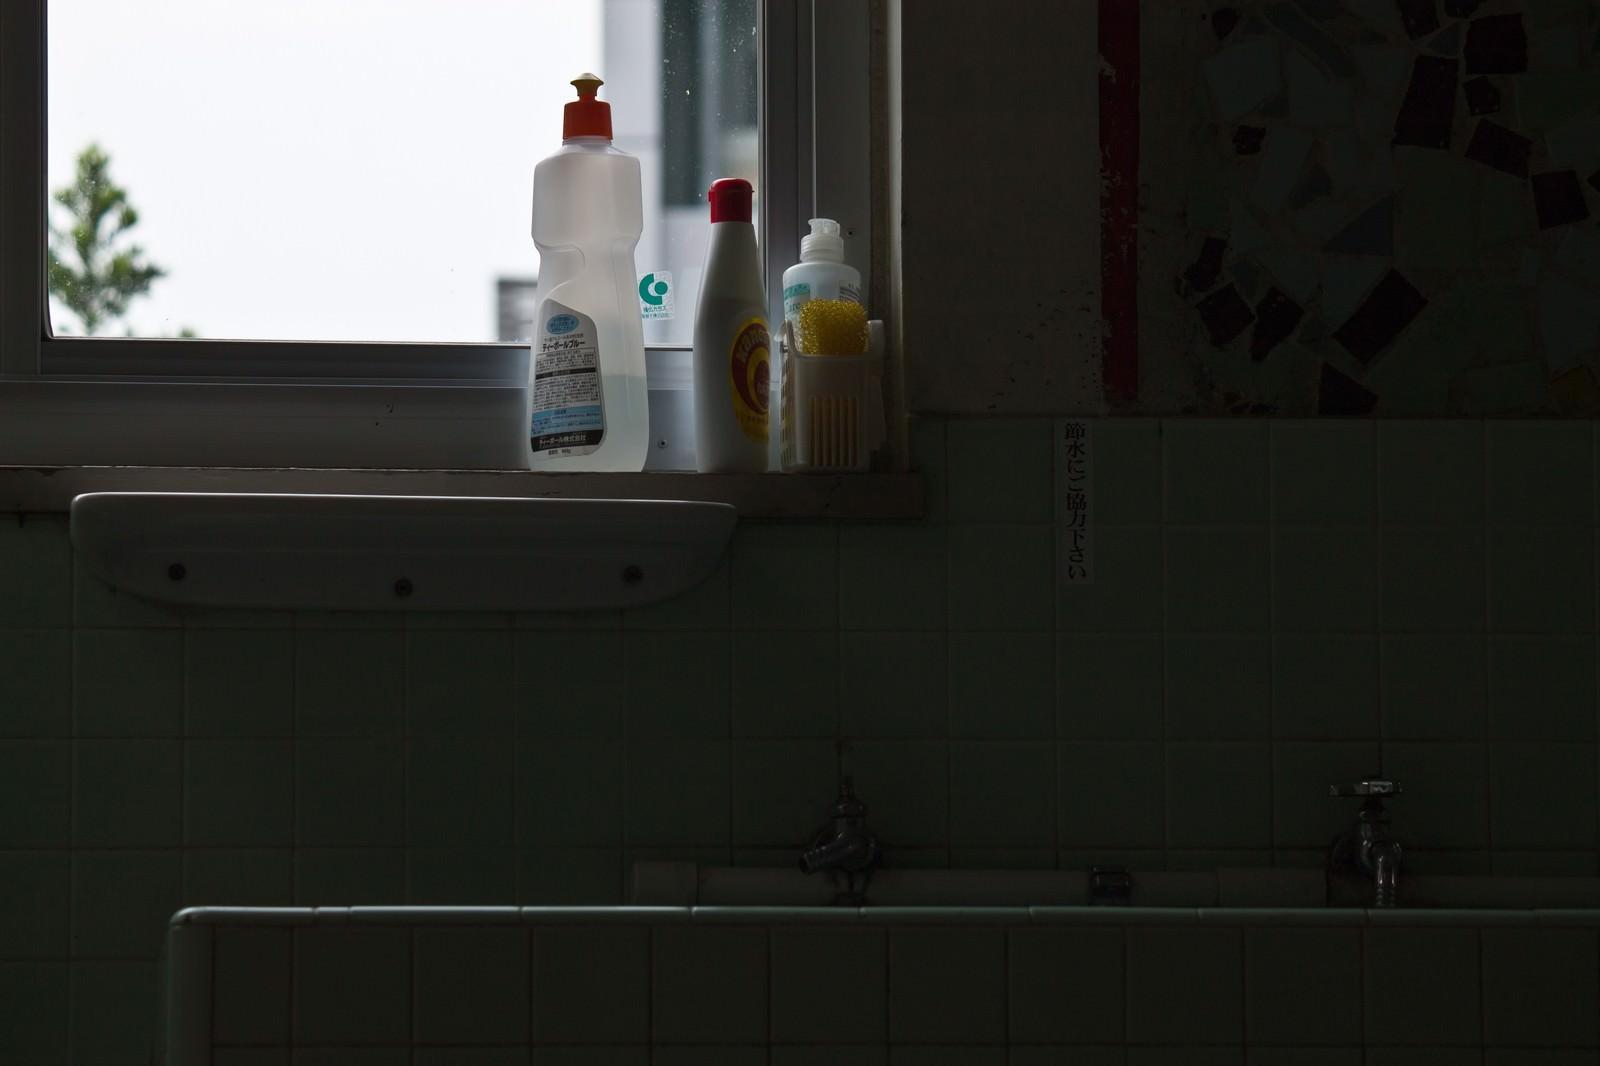 「窓際に並ぶ洗剤とタイルの蛇口」の写真